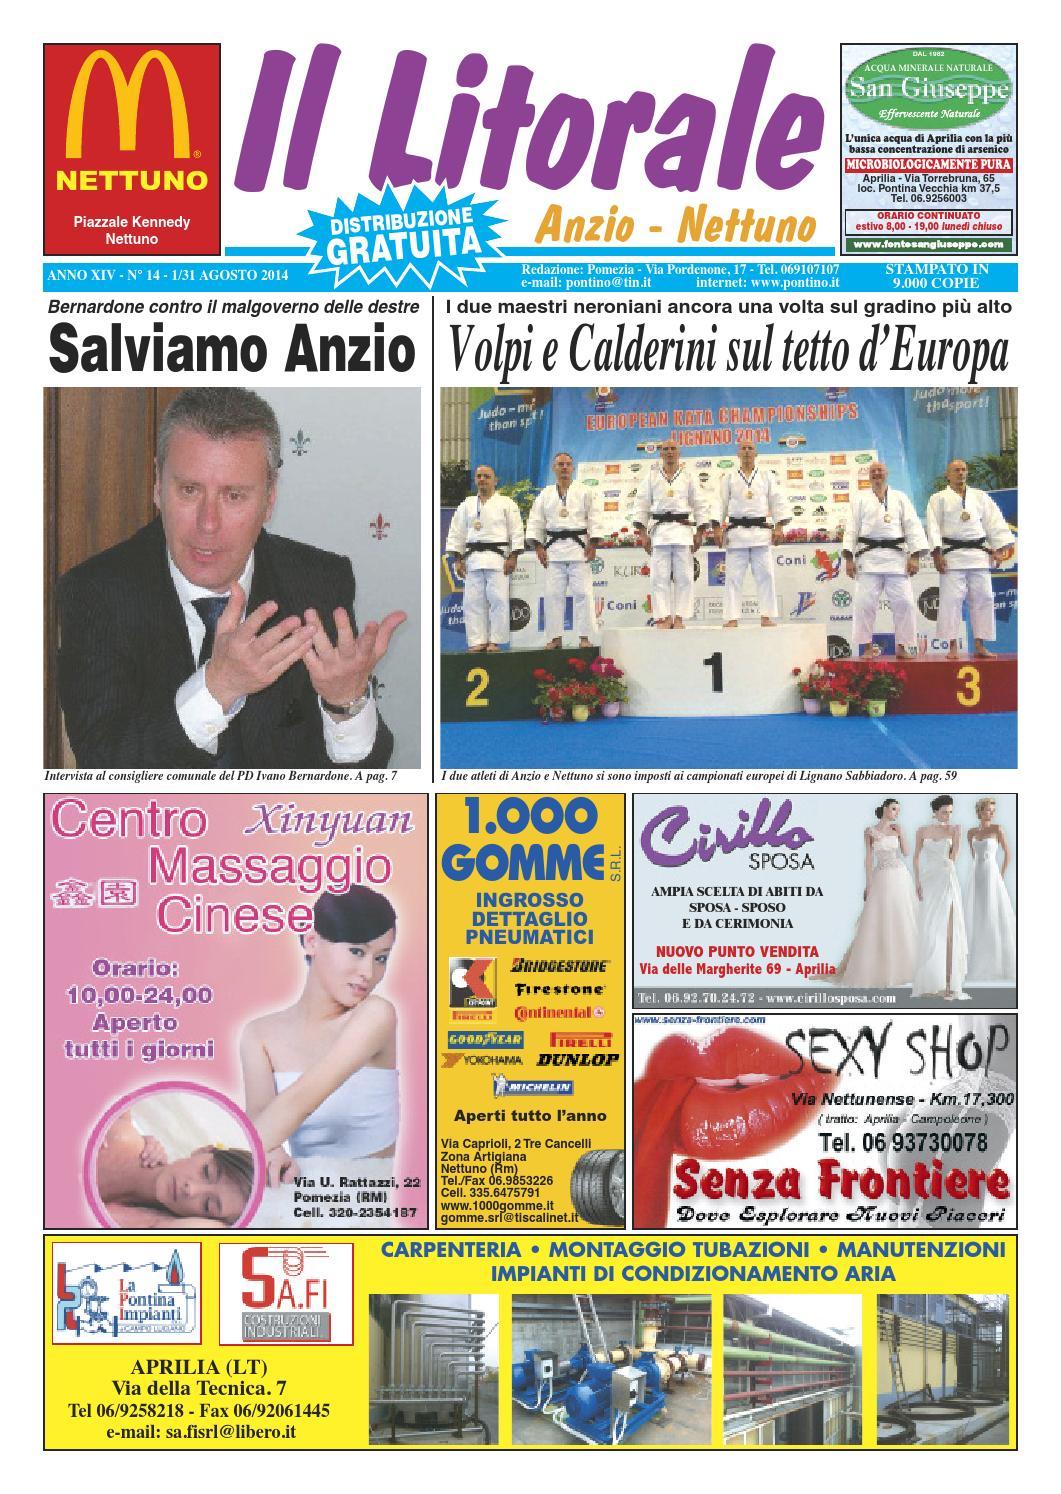 Il litorale n. 14 - 1 31 Agosto 2014 by Il Pontino Il Litorale - issuu ea205a72261